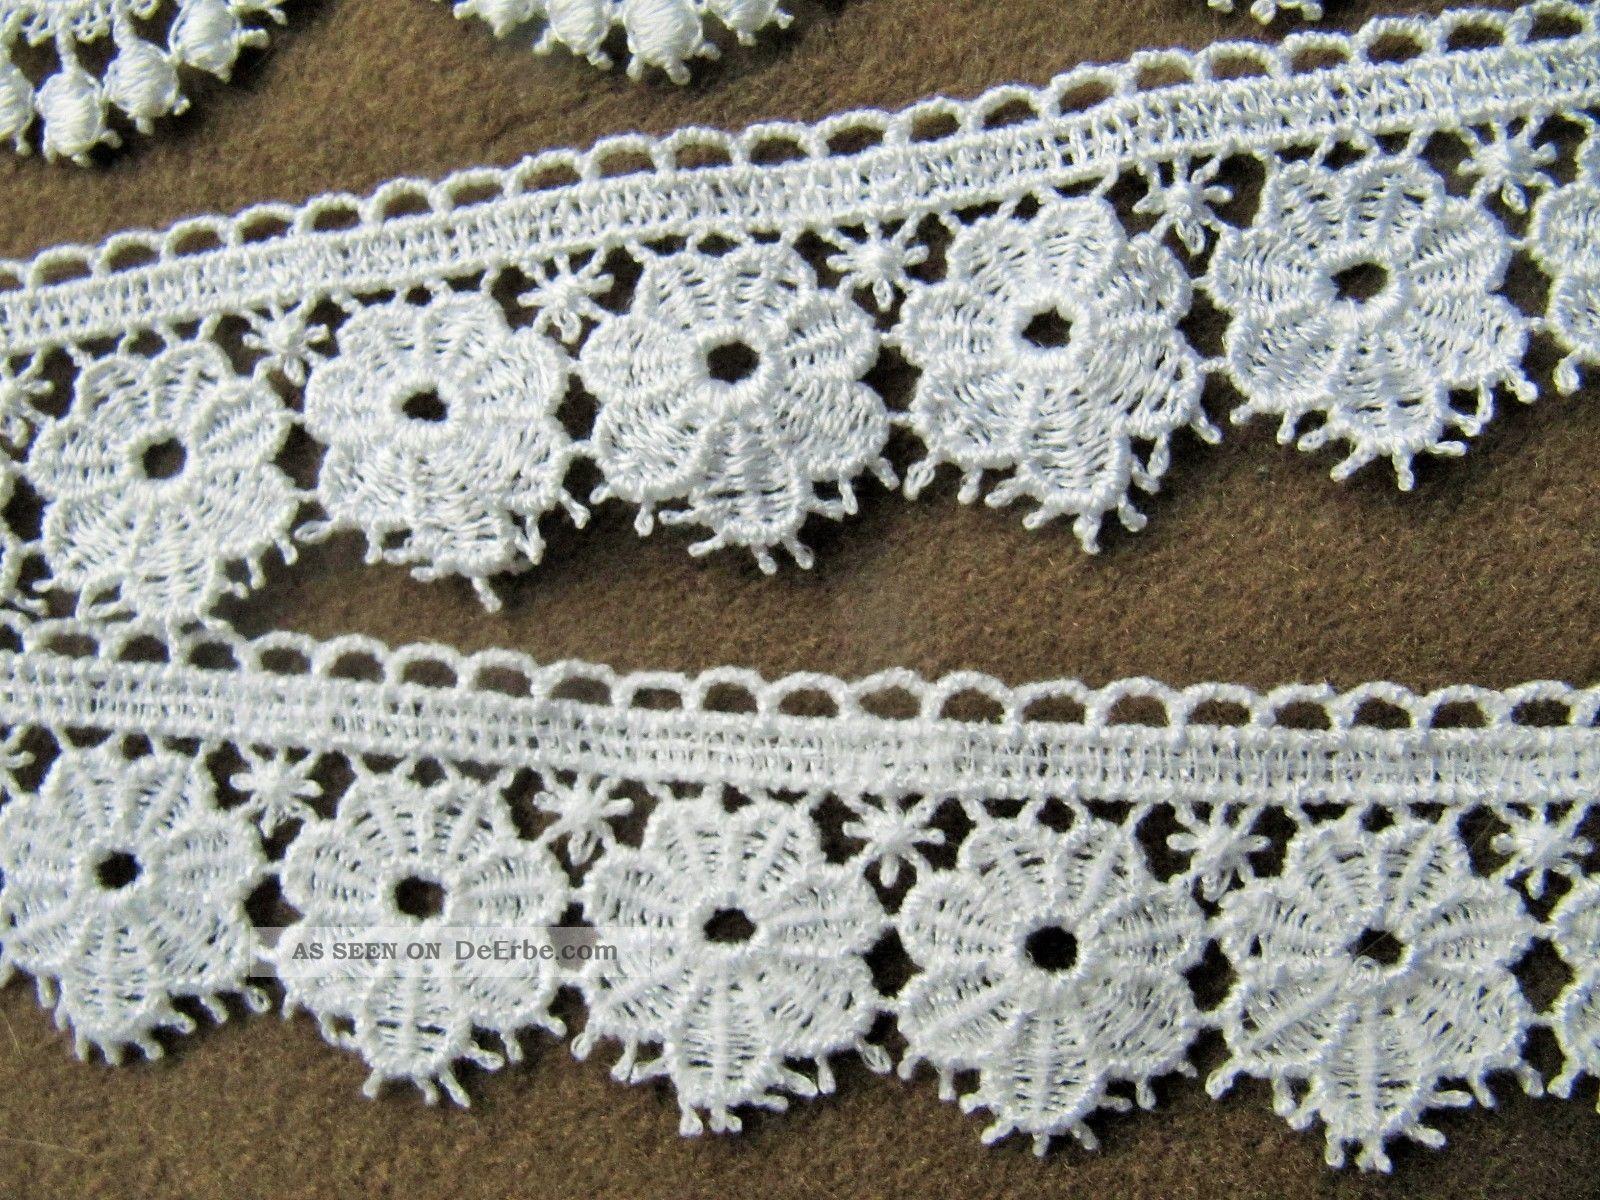 Stücke Tolle Spitze /spitzenborte In Weiß, 140cm, 74cm Textilien ...